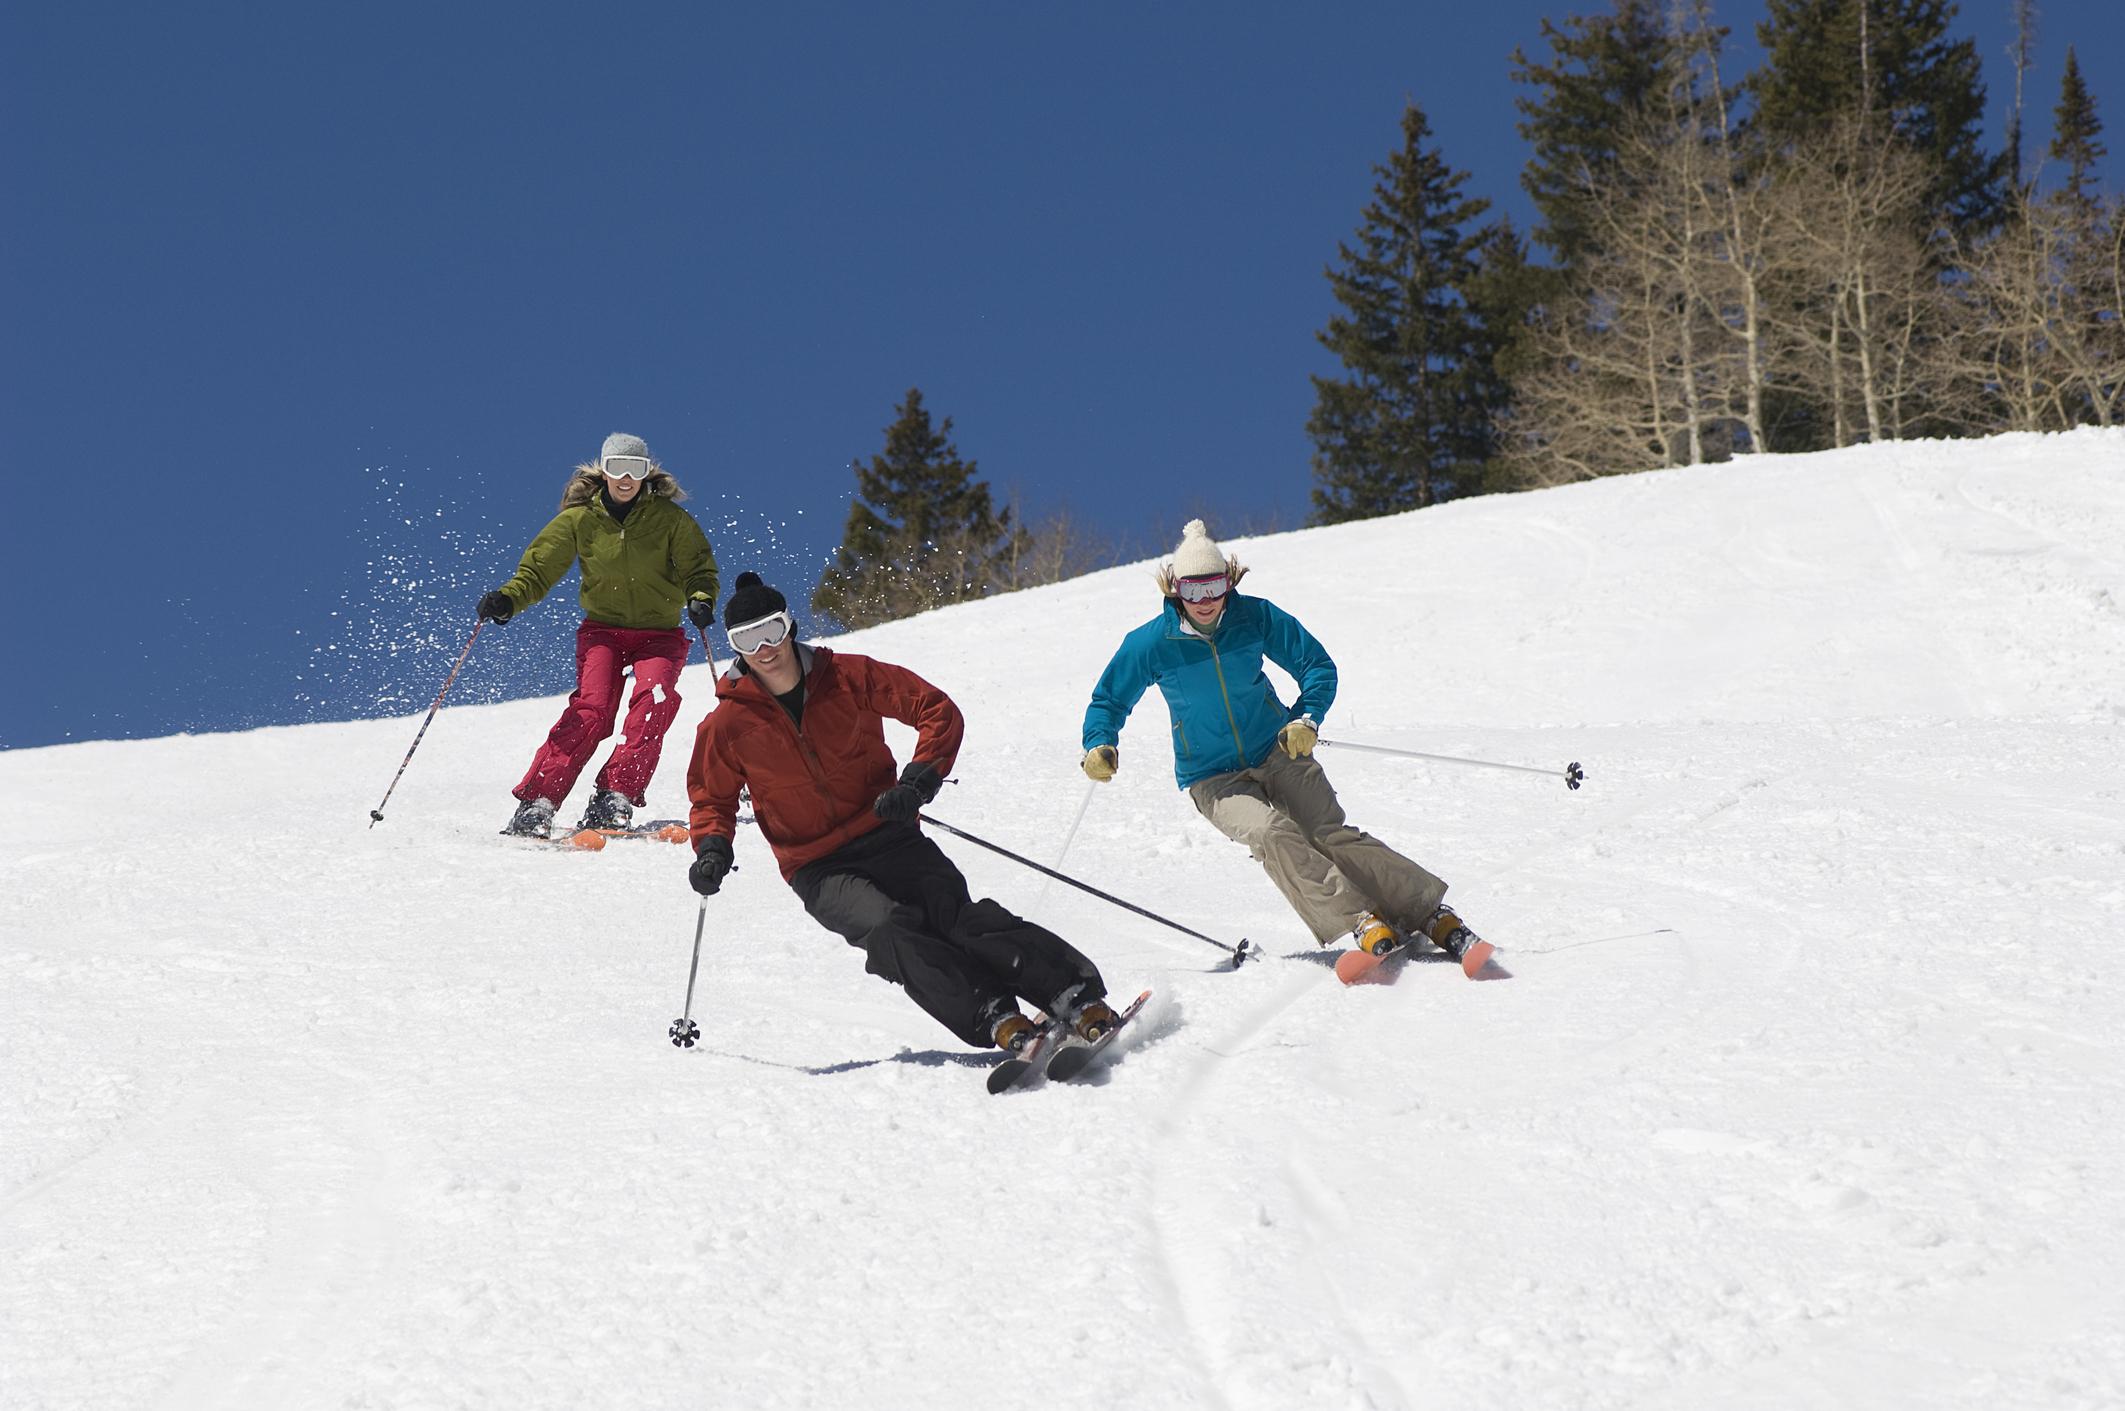 downhill skiers.jpeg